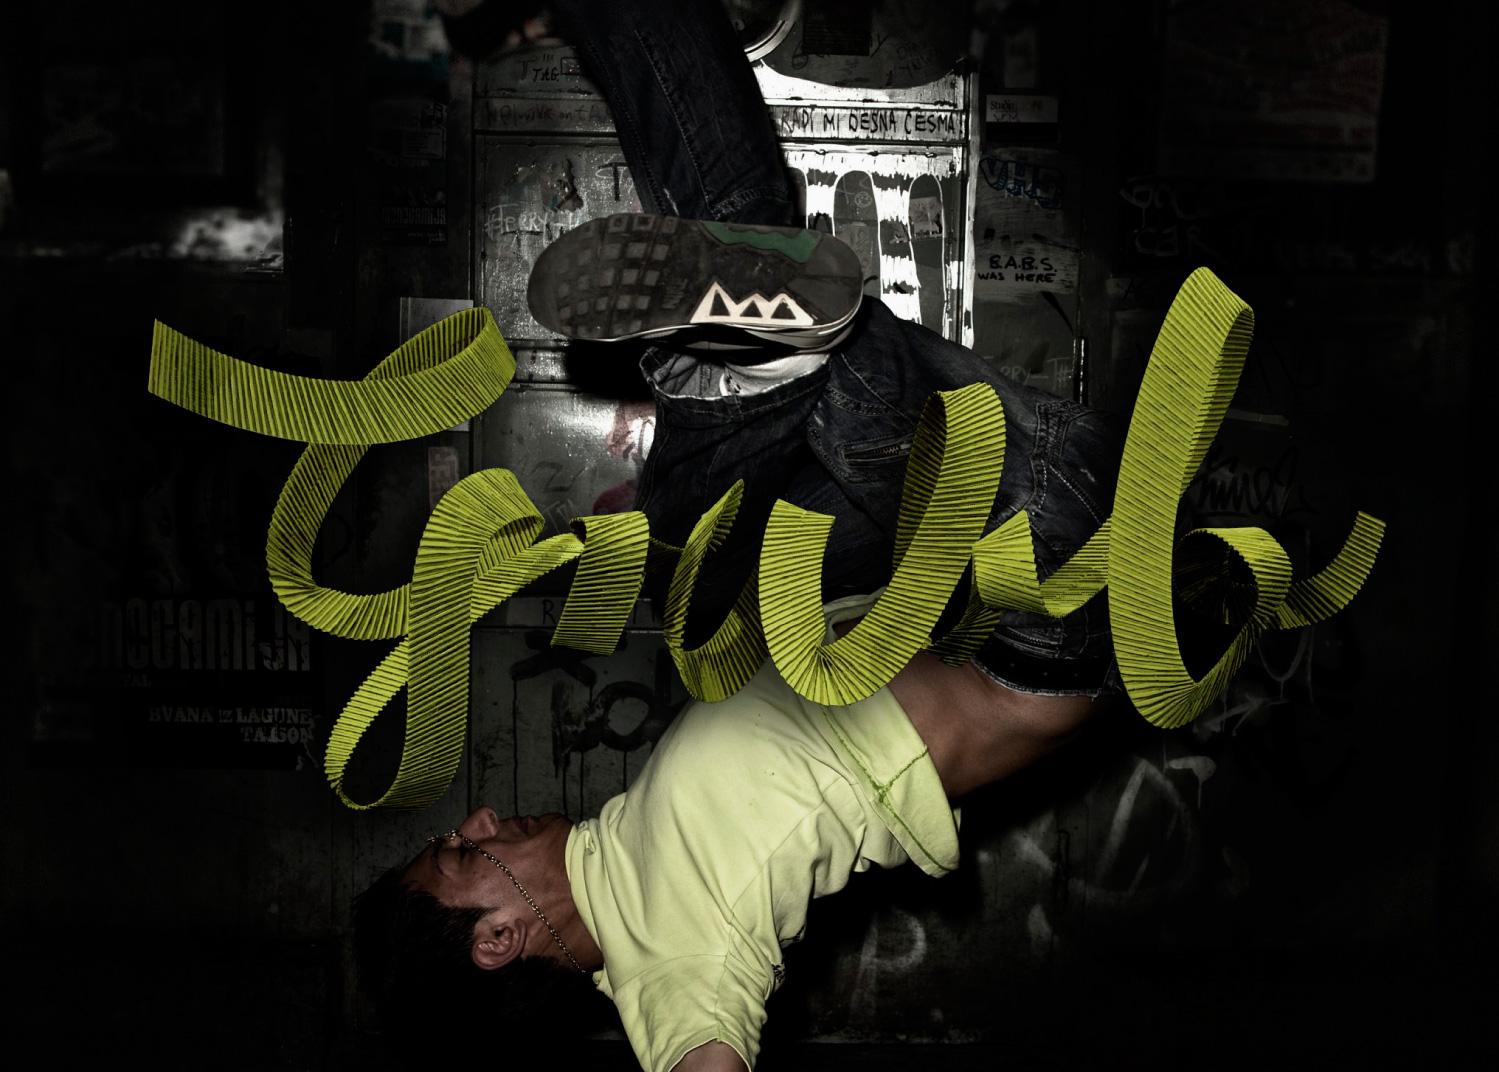 GRUBB_1500_8